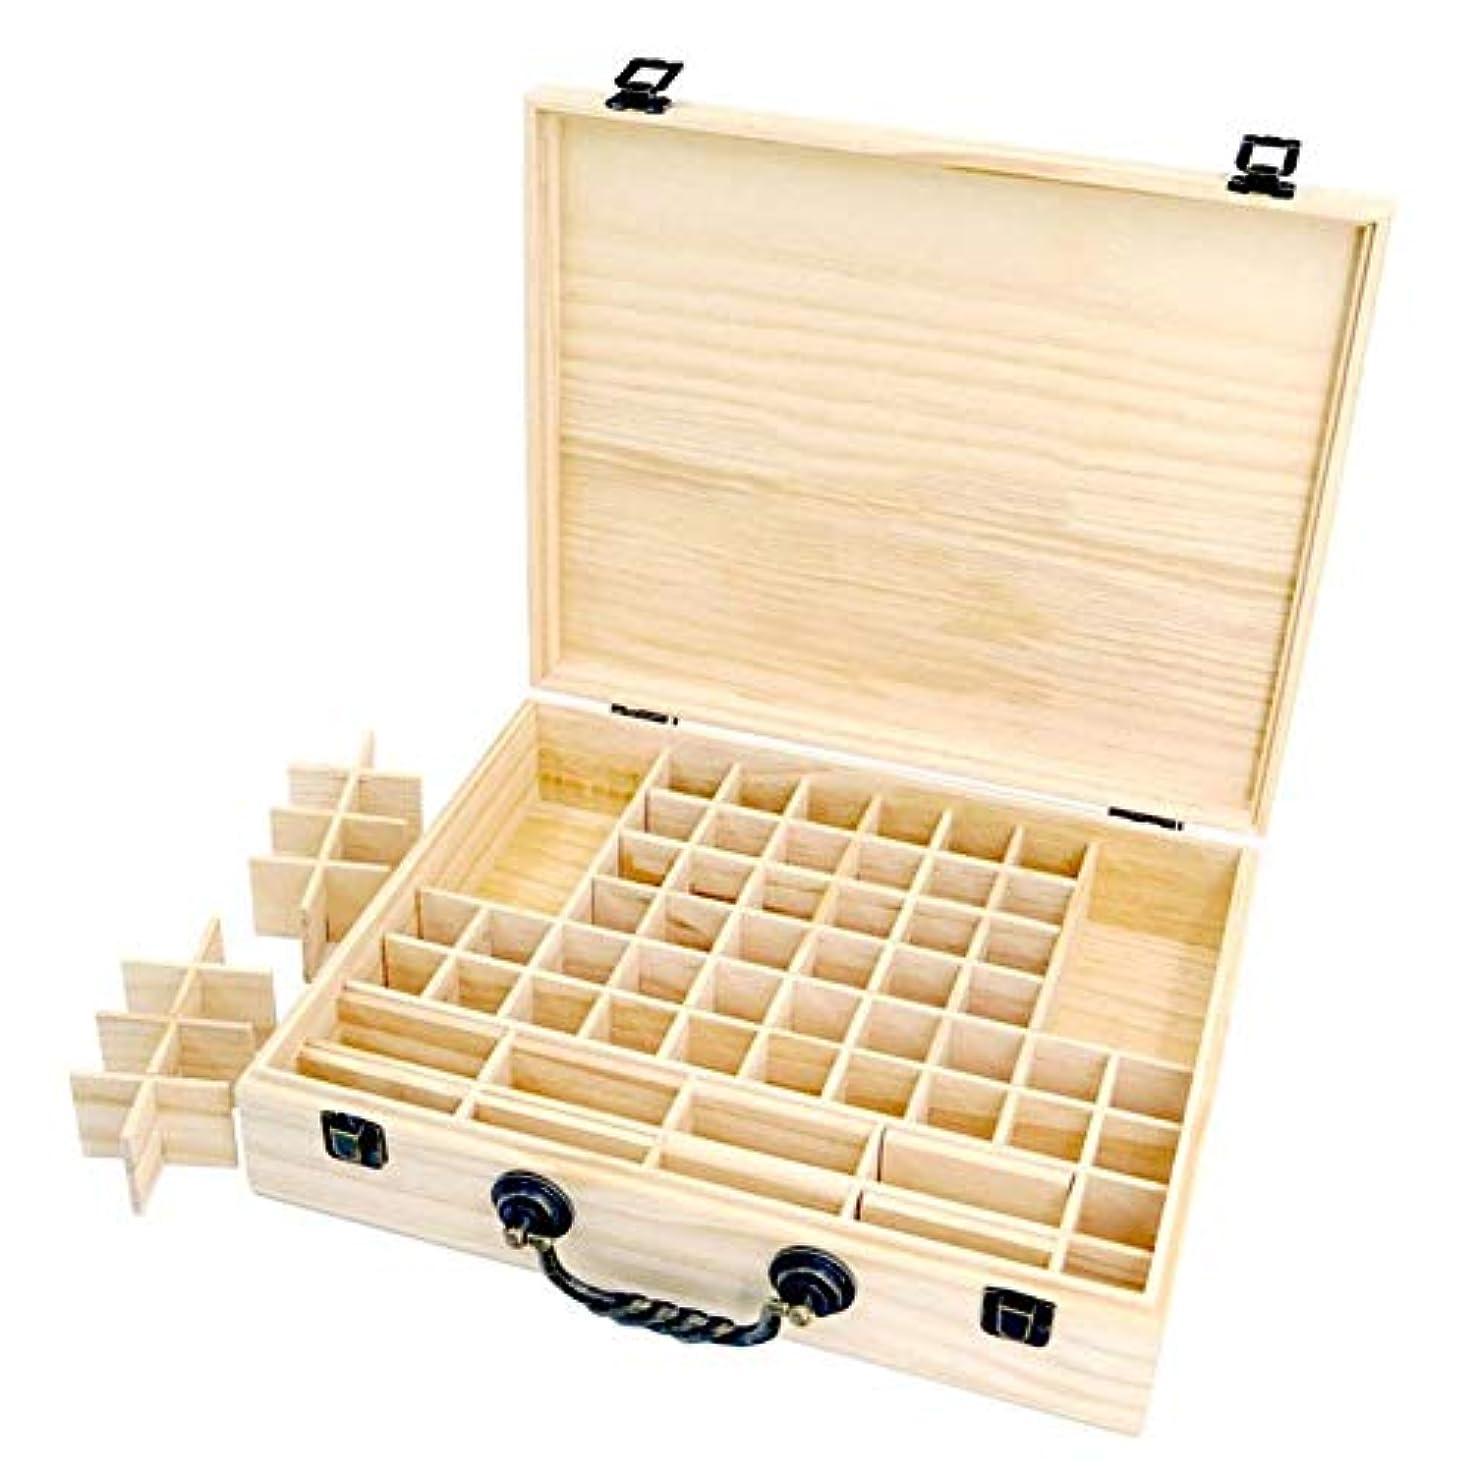 元気な鋸歯状スマッシュエッセンシャルオイル収納ボックス 収納ケース 保存ボックス パイン製 取り外し可能なメッシュ 70グリッド 持ち運び便利 junexi